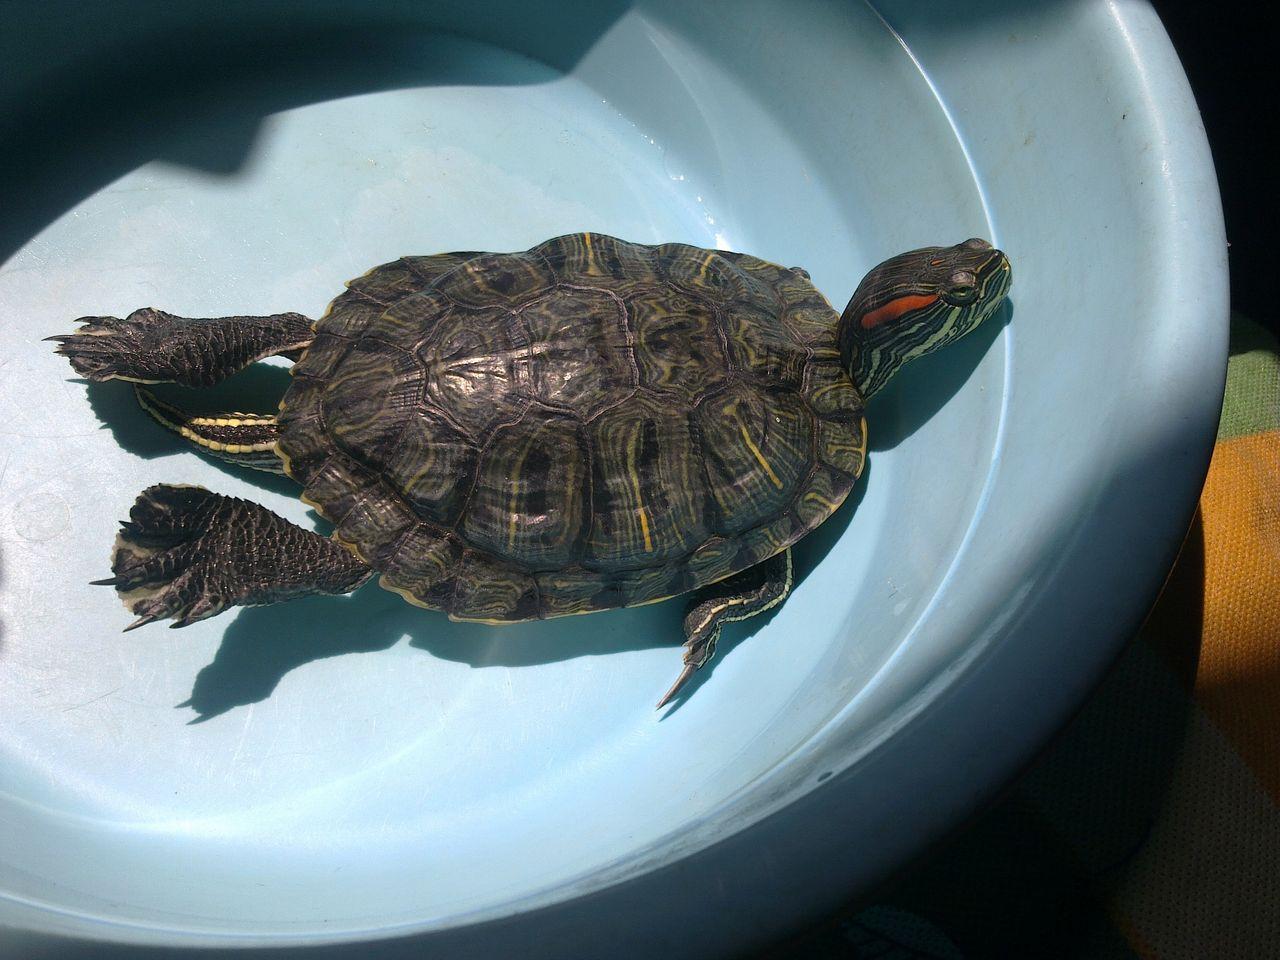 巴西龟白眼病_百度知道